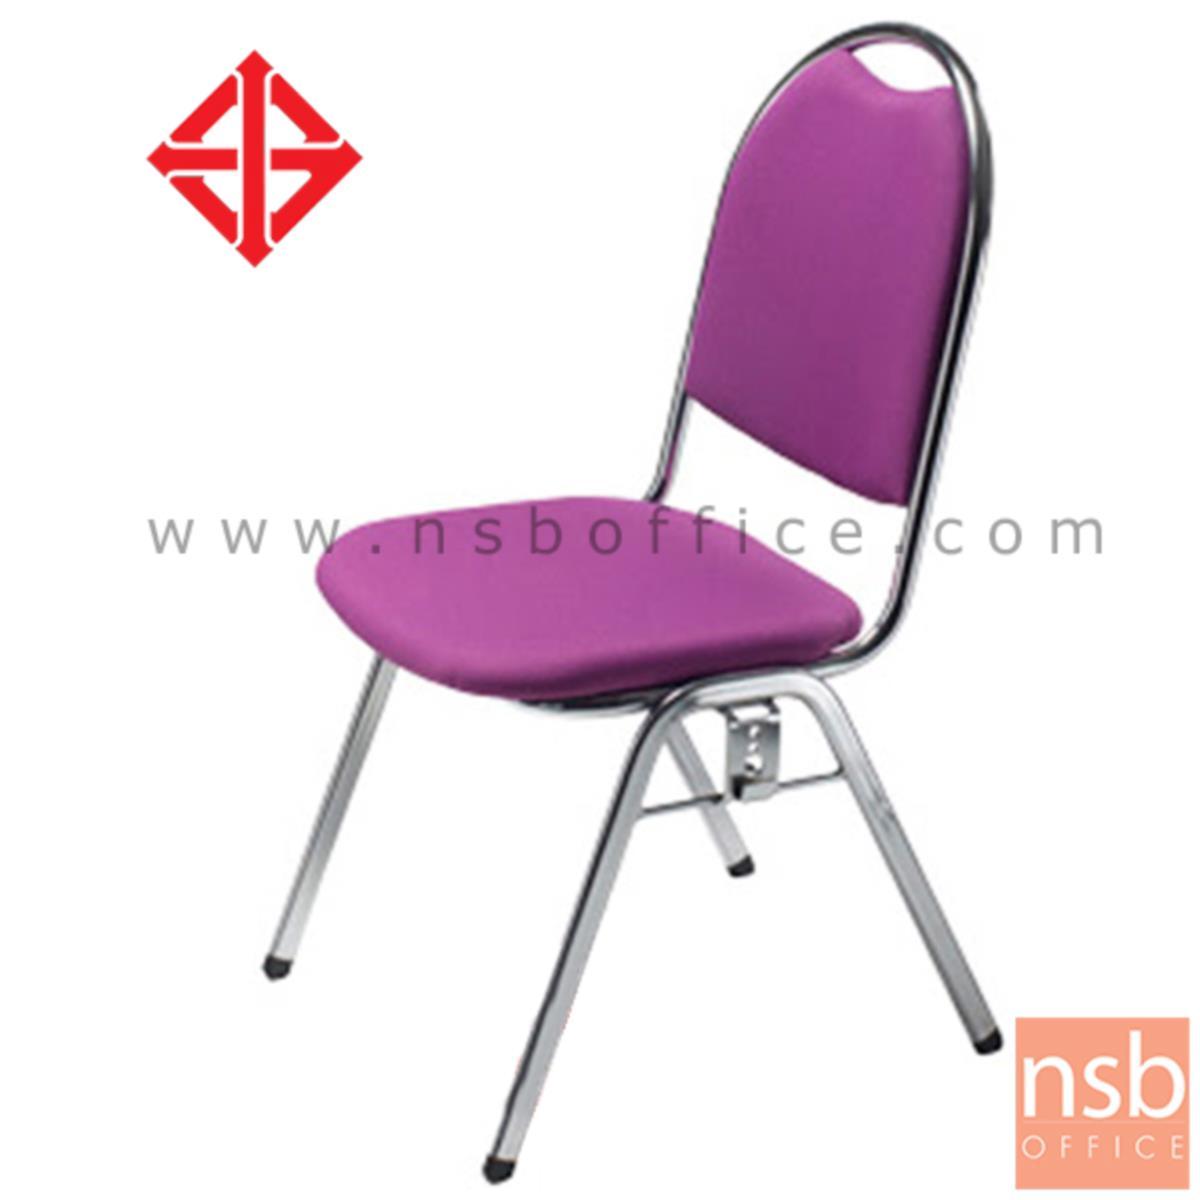 เก้าอี้อเนกประสงค์จัดเลี้ยง  รุ่น LKC-128  ขาเหล็กชุบโครเมี่ยม